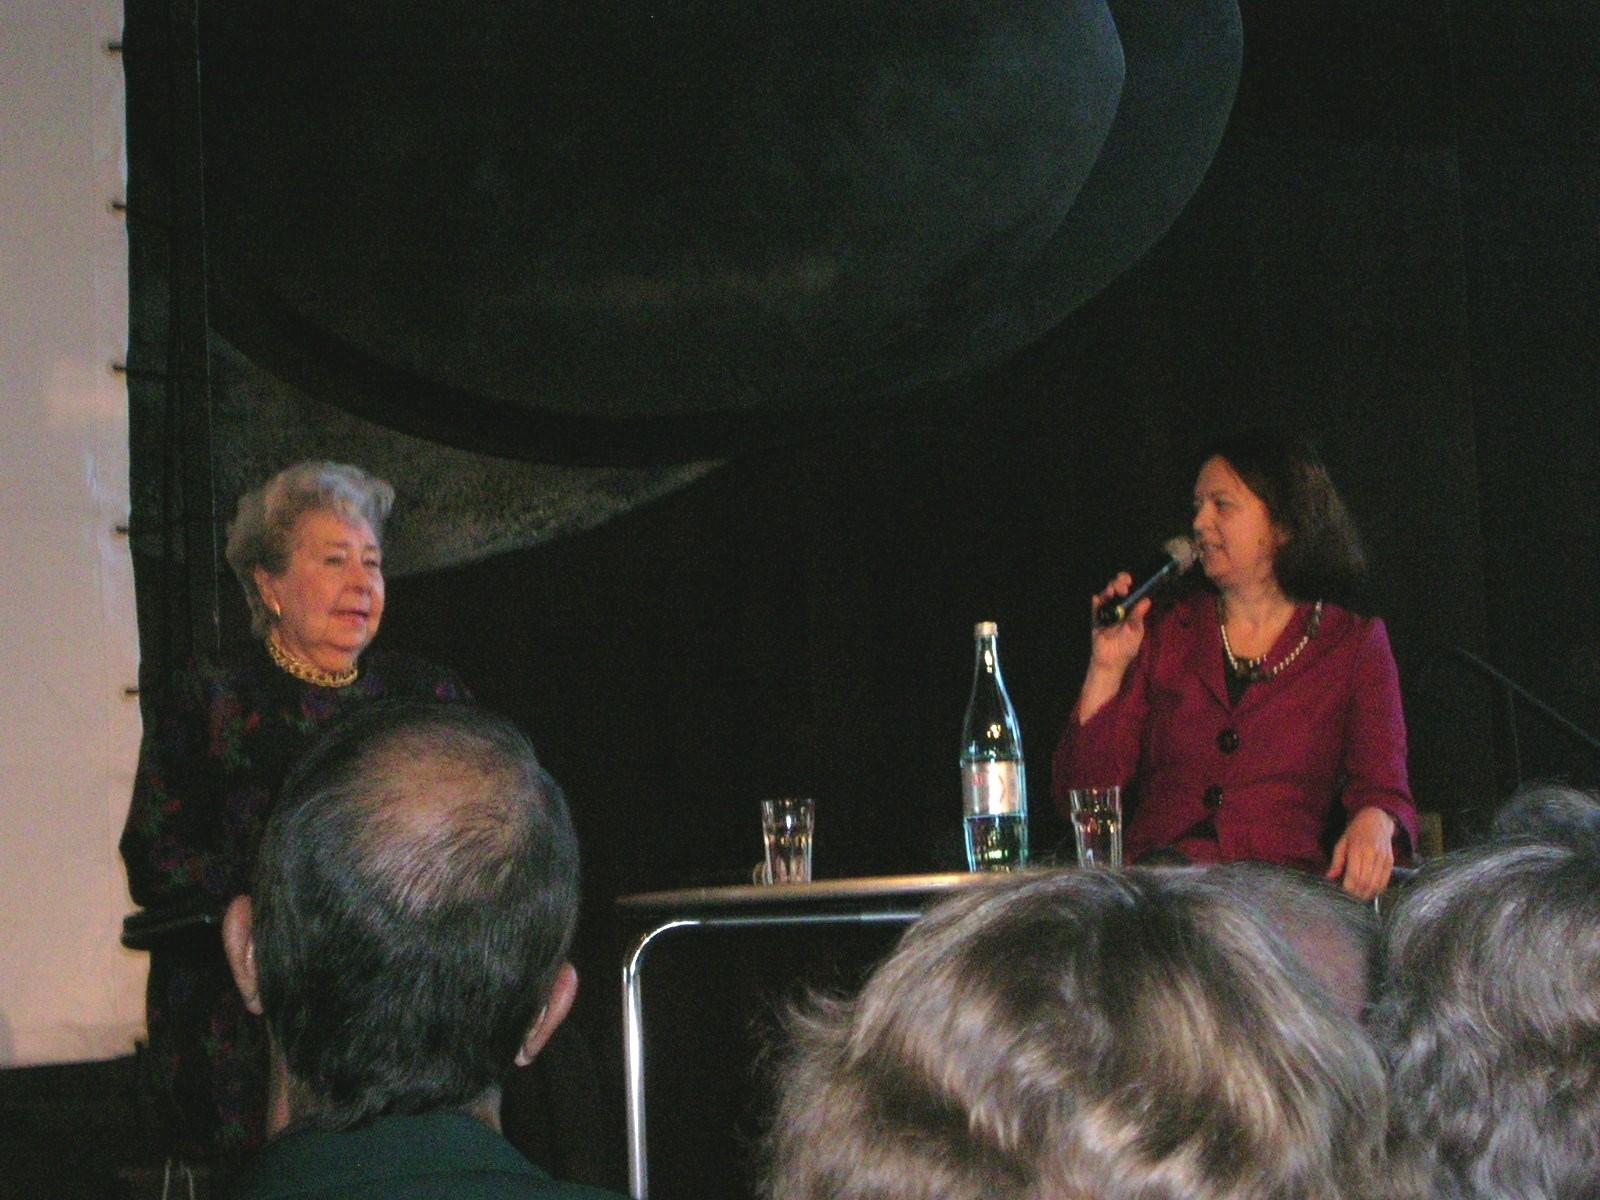 Künstlergespräch mit Christa Ludwig in der Deutschen Oper Berlin  (15.9.2009)